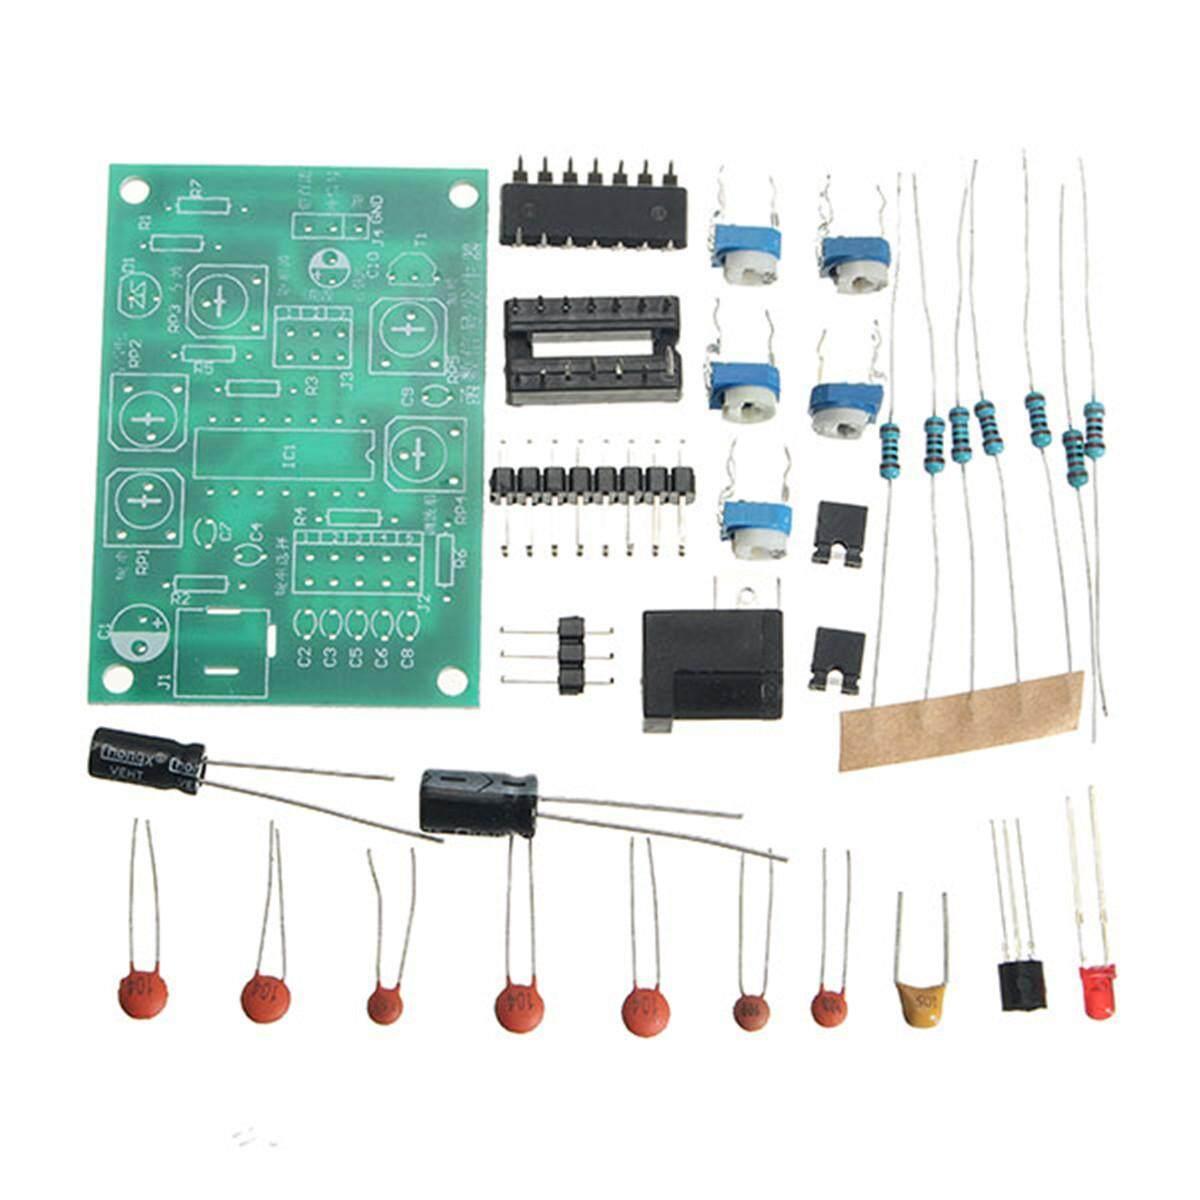 ICL8038 Fungsi Sinyal Generator Perlengkapan Multiplex Bentuk Gelombang Bagian Elektronik Produksi Latihan DIY-Internasional